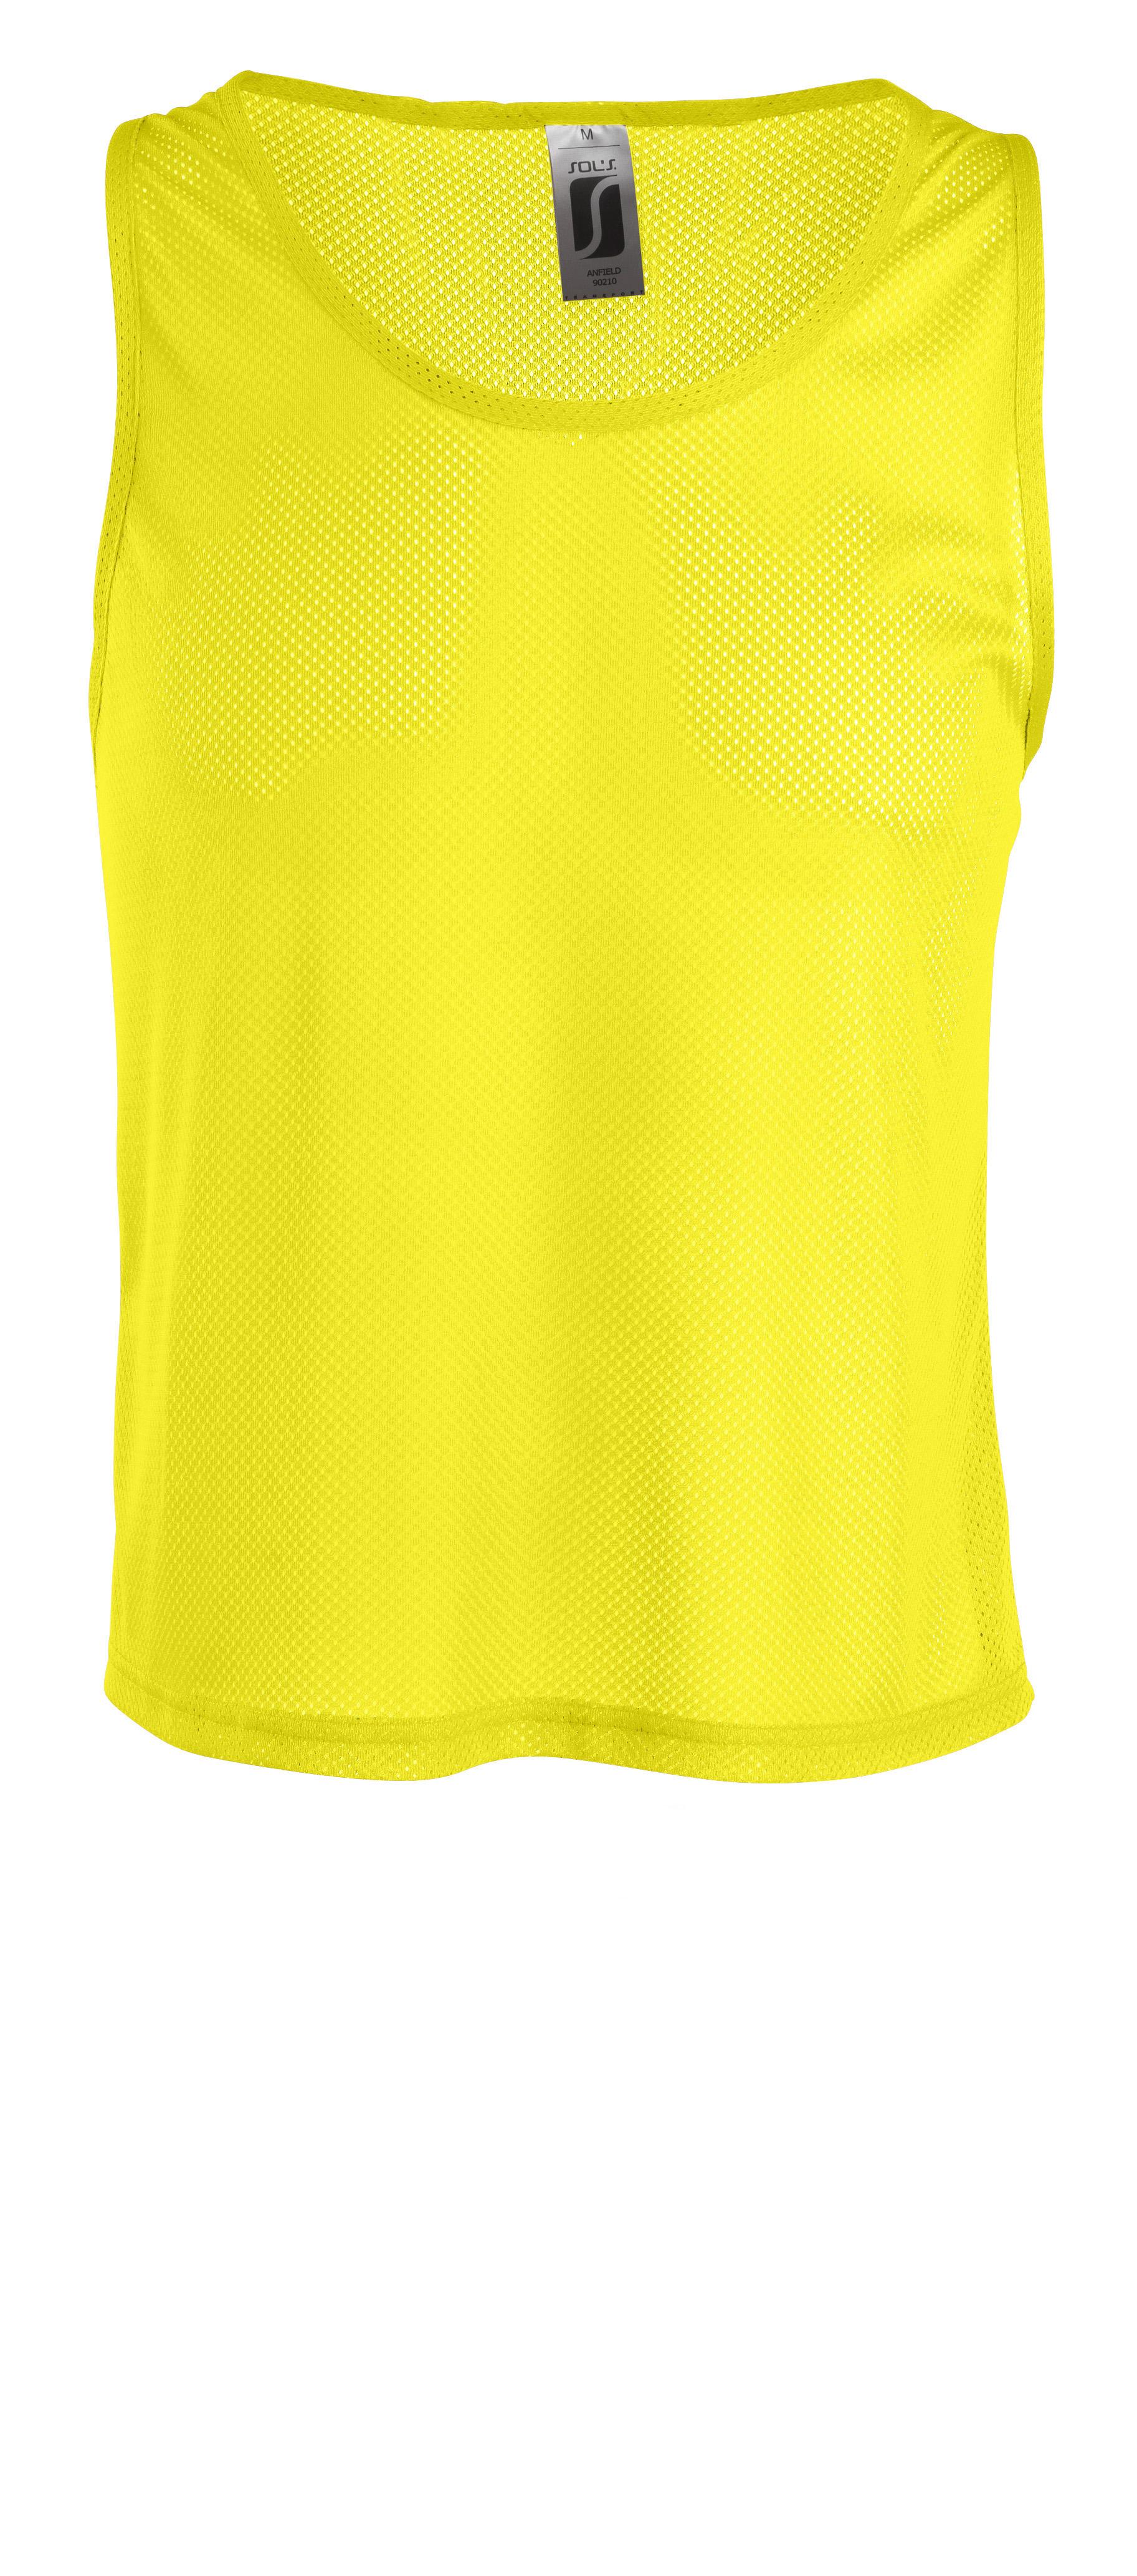 Anfield - Lemon - XL